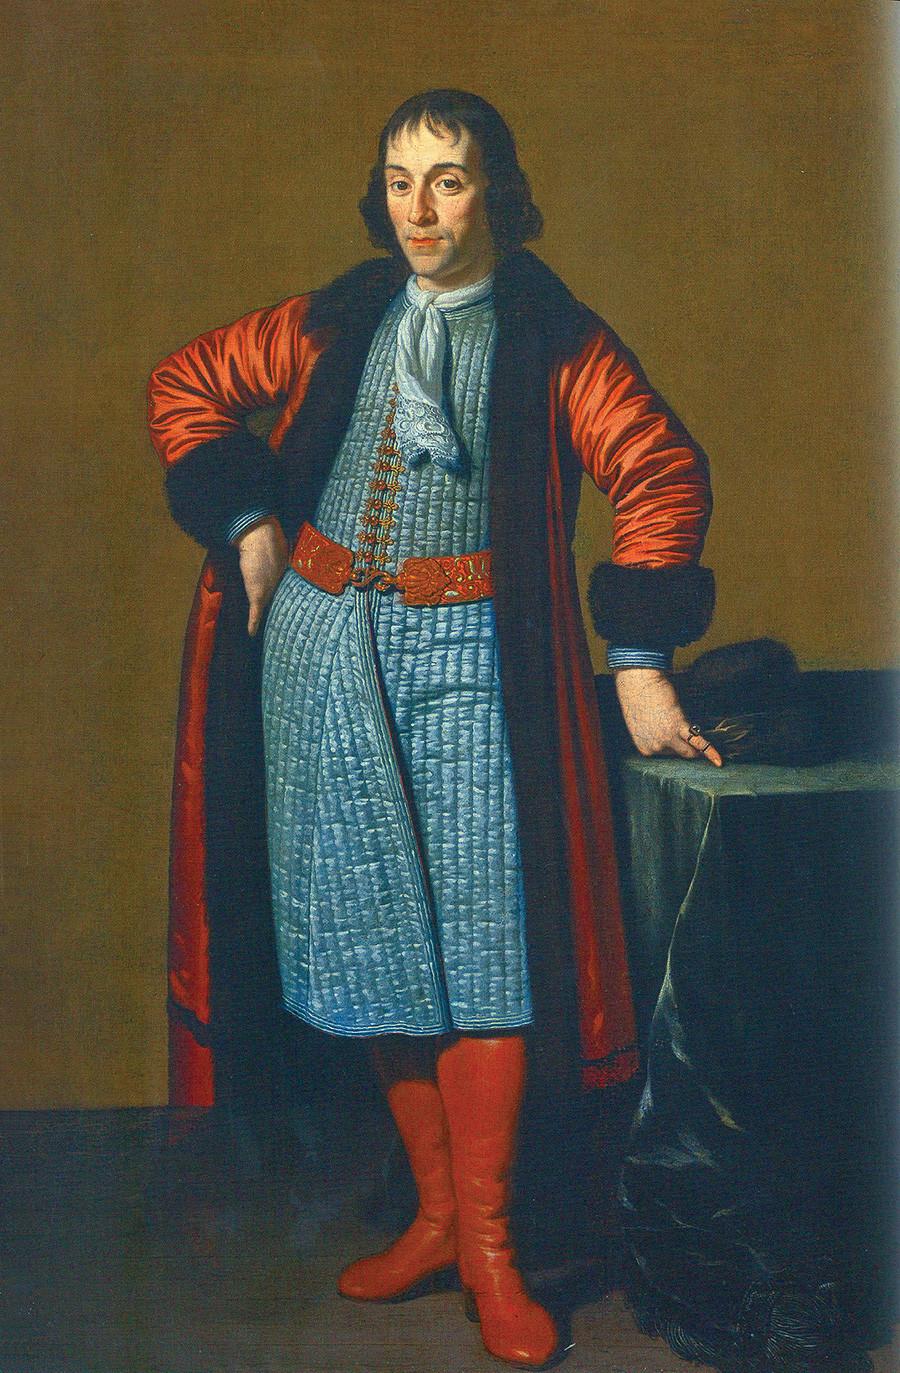 Aleksandr Danilovich Menshikov (1673-1729) ritratto in Olanda durante la Grande Ambasciata di Pietro il Grande. Di Michiel van Musscher